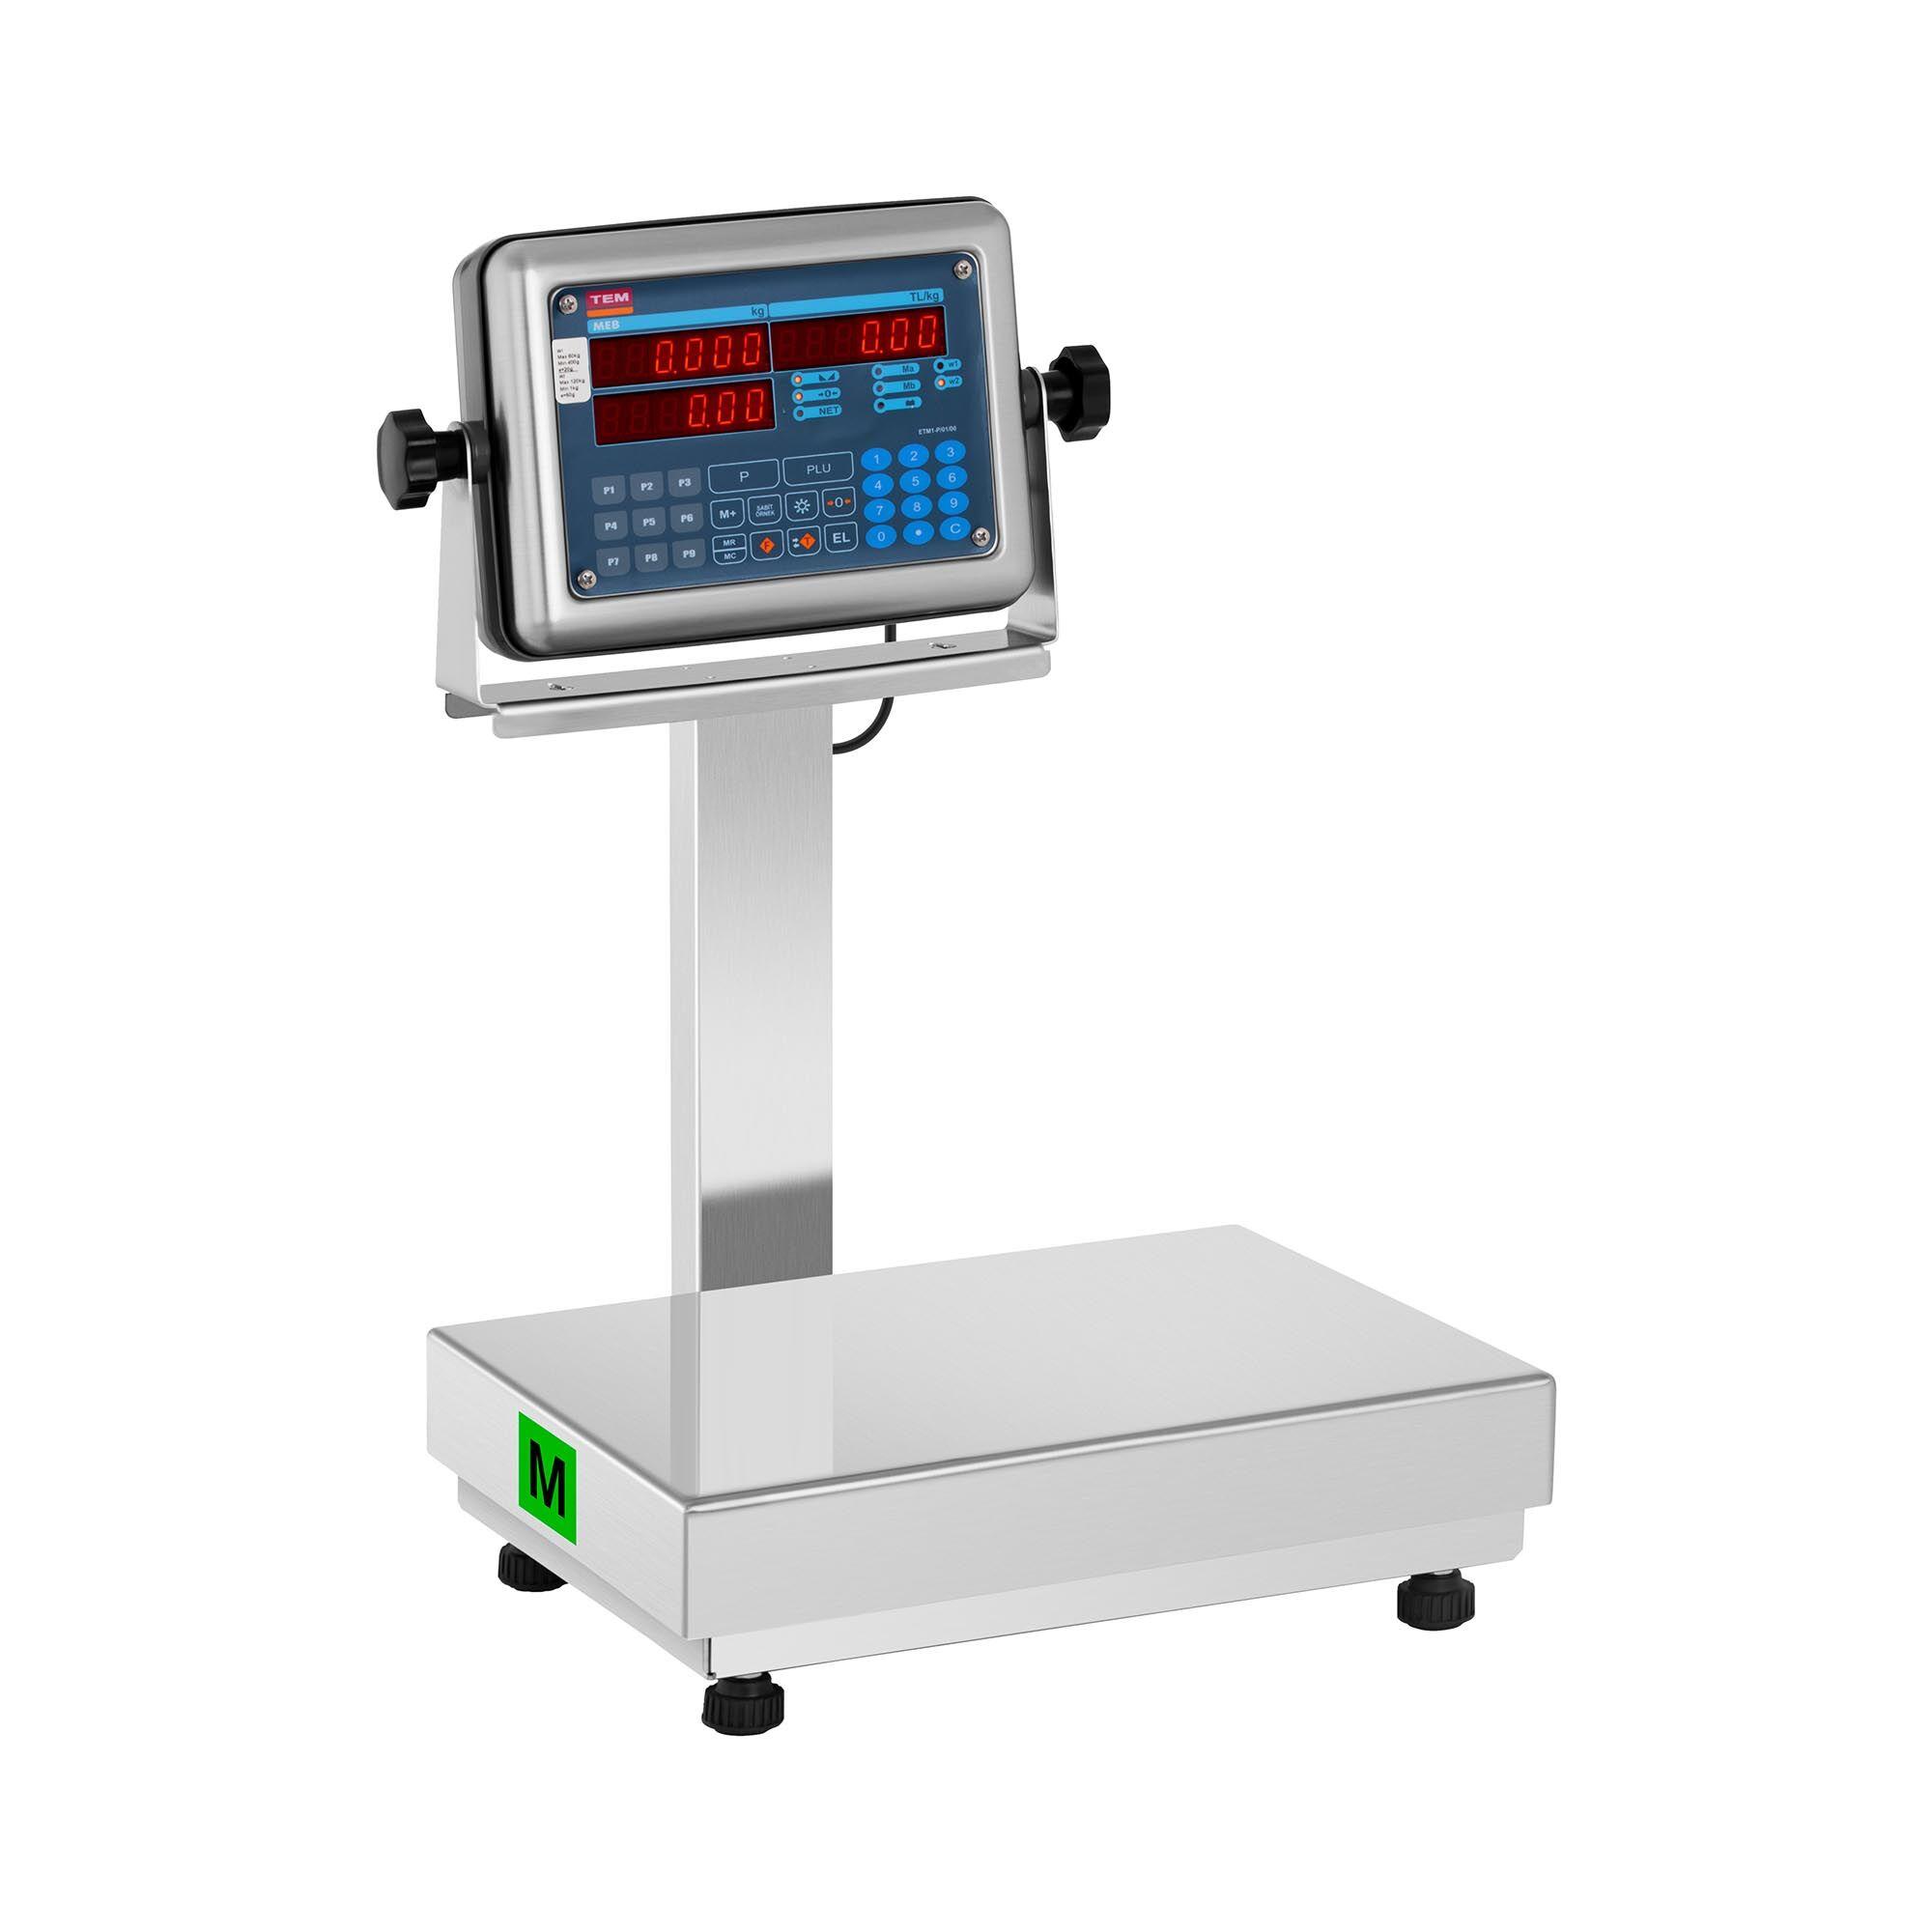 TEM Balance plateforme - Calibrage certifié - 60 kg / 20 g - 120 kg / 50 g - Fonction de calcul du prix - Afficheur LED BM1TP028X035120-B1